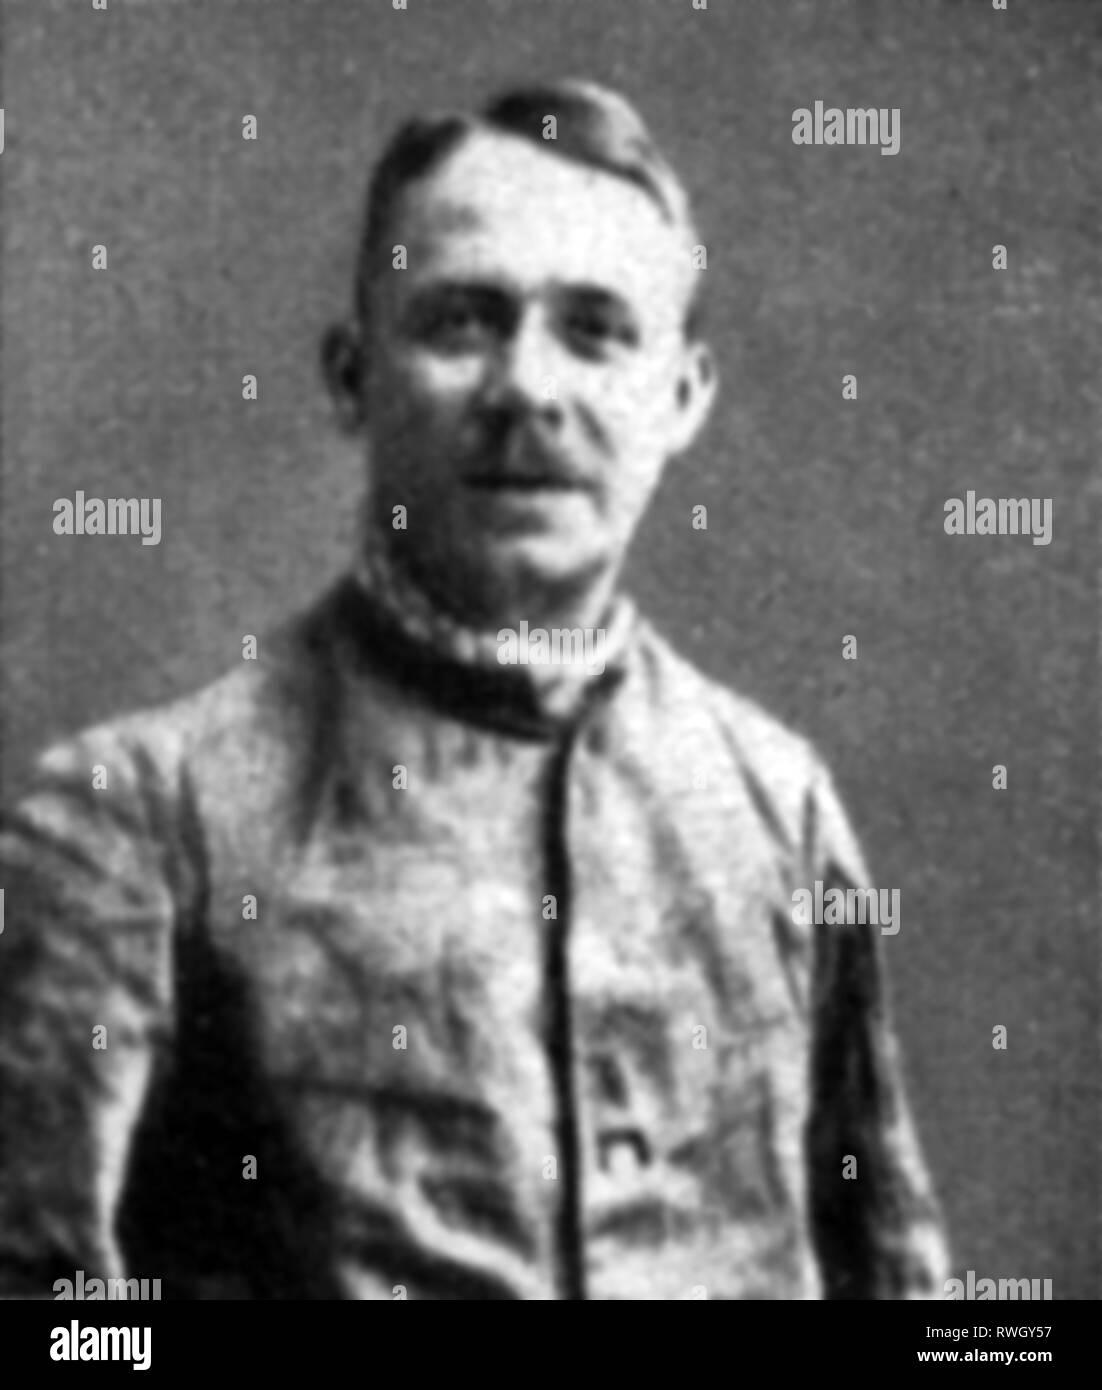 Haarmann, Friedrich 'Fritz', 25.10.1879 - 15.4.1925, criminale tedesco (serial killer), mezza lunghezza, dopo il suo arresto, a presscall, novembre 1924, Additional-Rights-Clearance-Info-Not-Available Immagini Stock